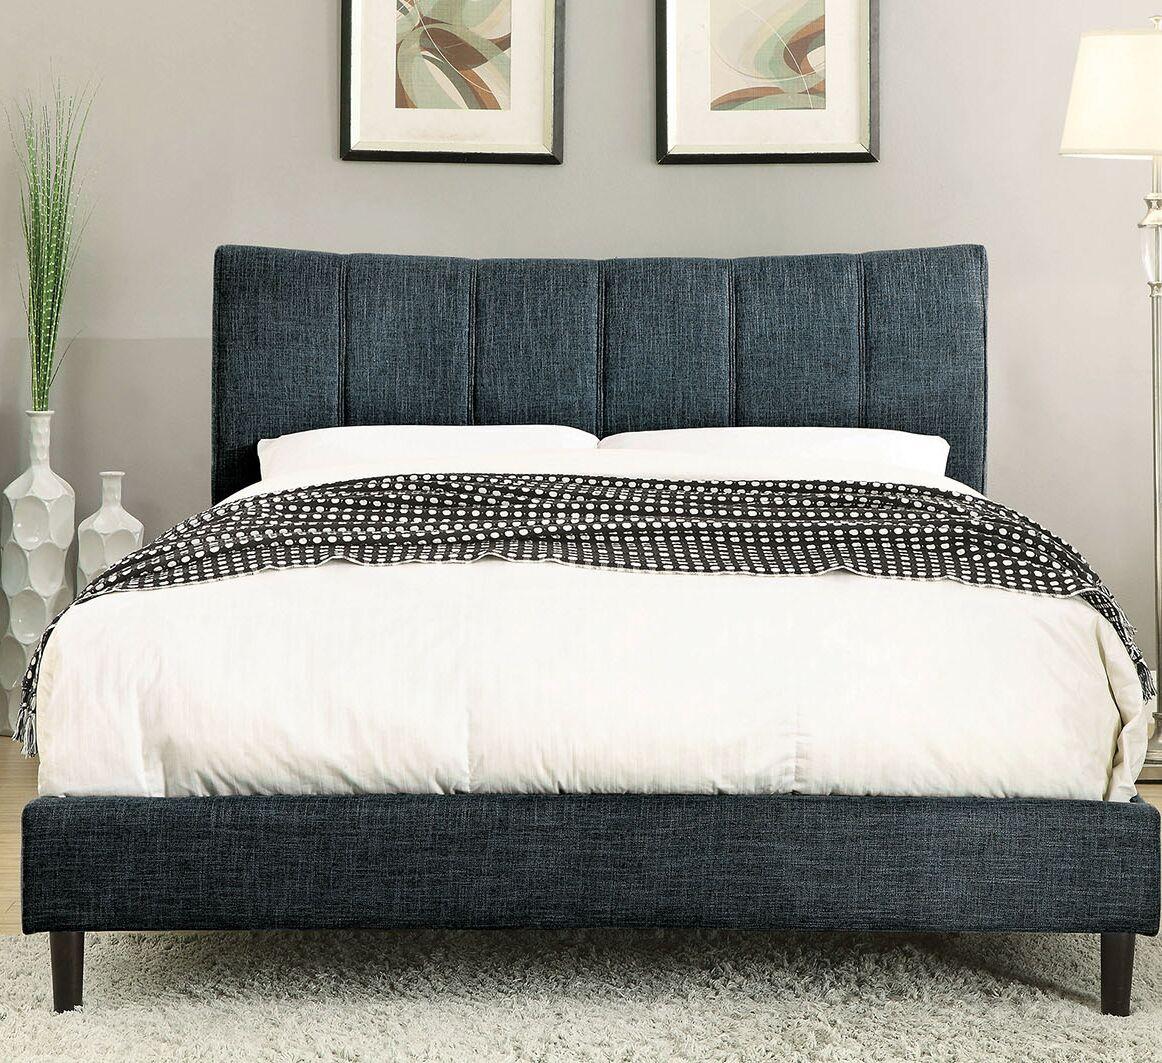 Ennis Upholstered Platform Bed Size: California King, Color: Dark Blue